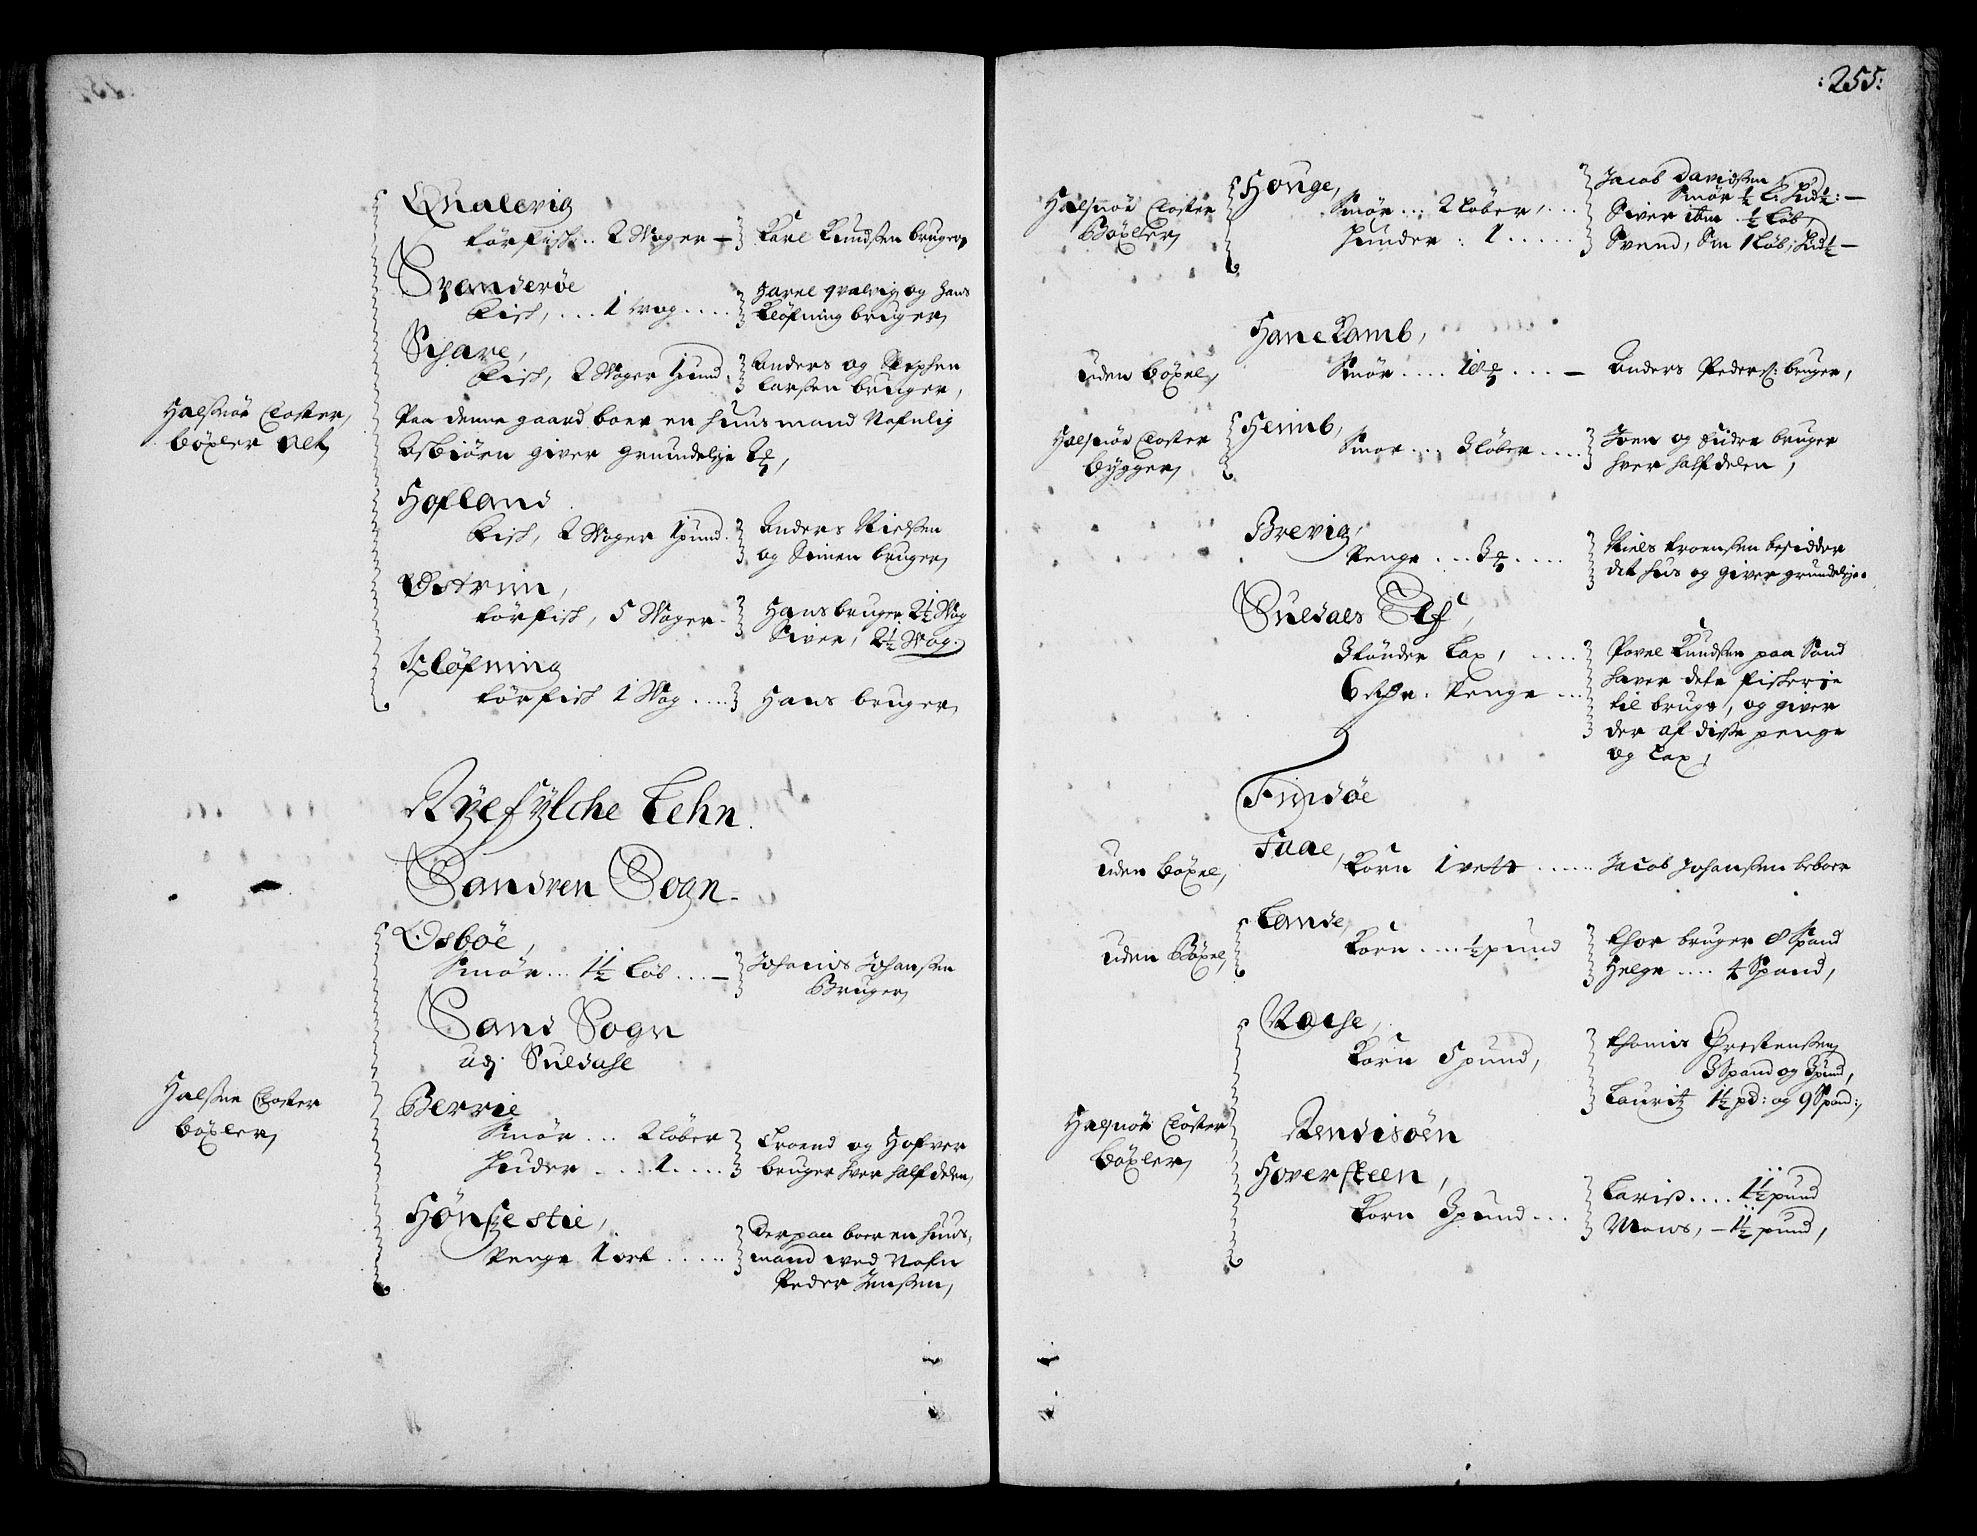 RA, Rentekammeret inntil 1814, Realistisk ordnet avdeling, On/L0002: [Jj 3]: Besiktigelsesforretninger over Halsnøy klosters gods, 1659-1703, s. 254b-255a